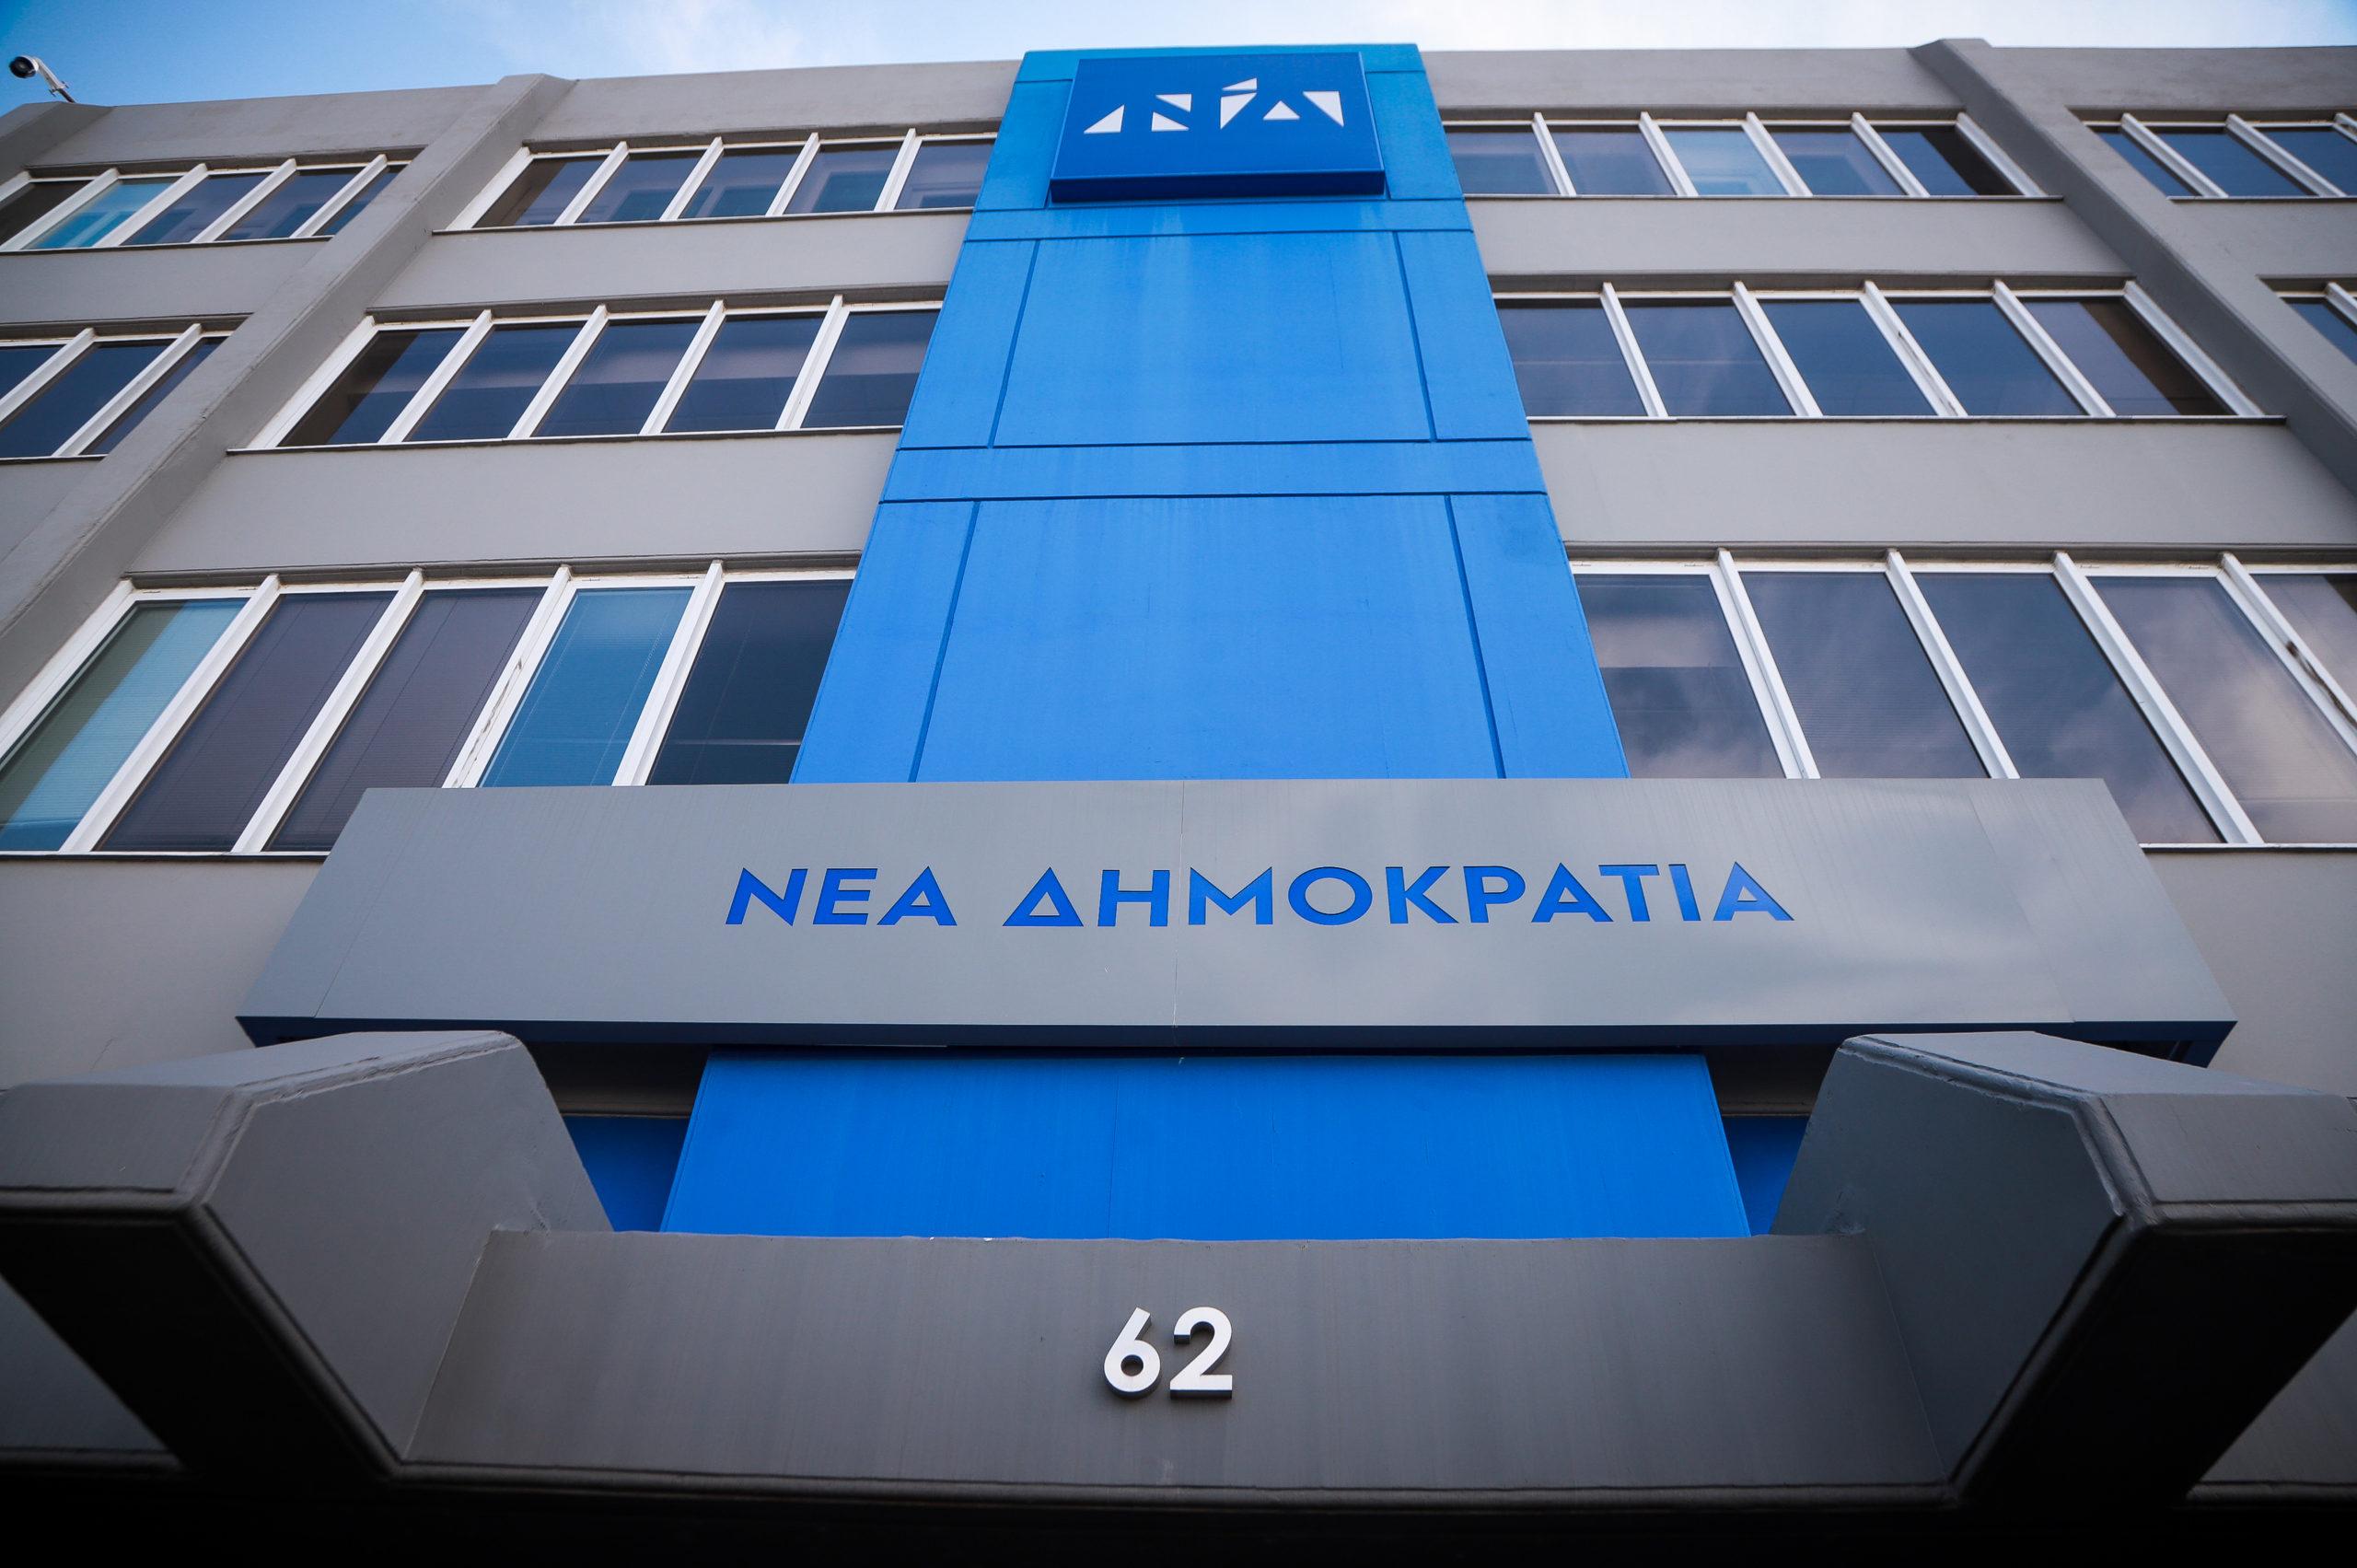 ΝΔ: Ο ΣΥΡΙΖΑ παρεμβαίνει και τώρα στο έργο της Δικαιοσύνης